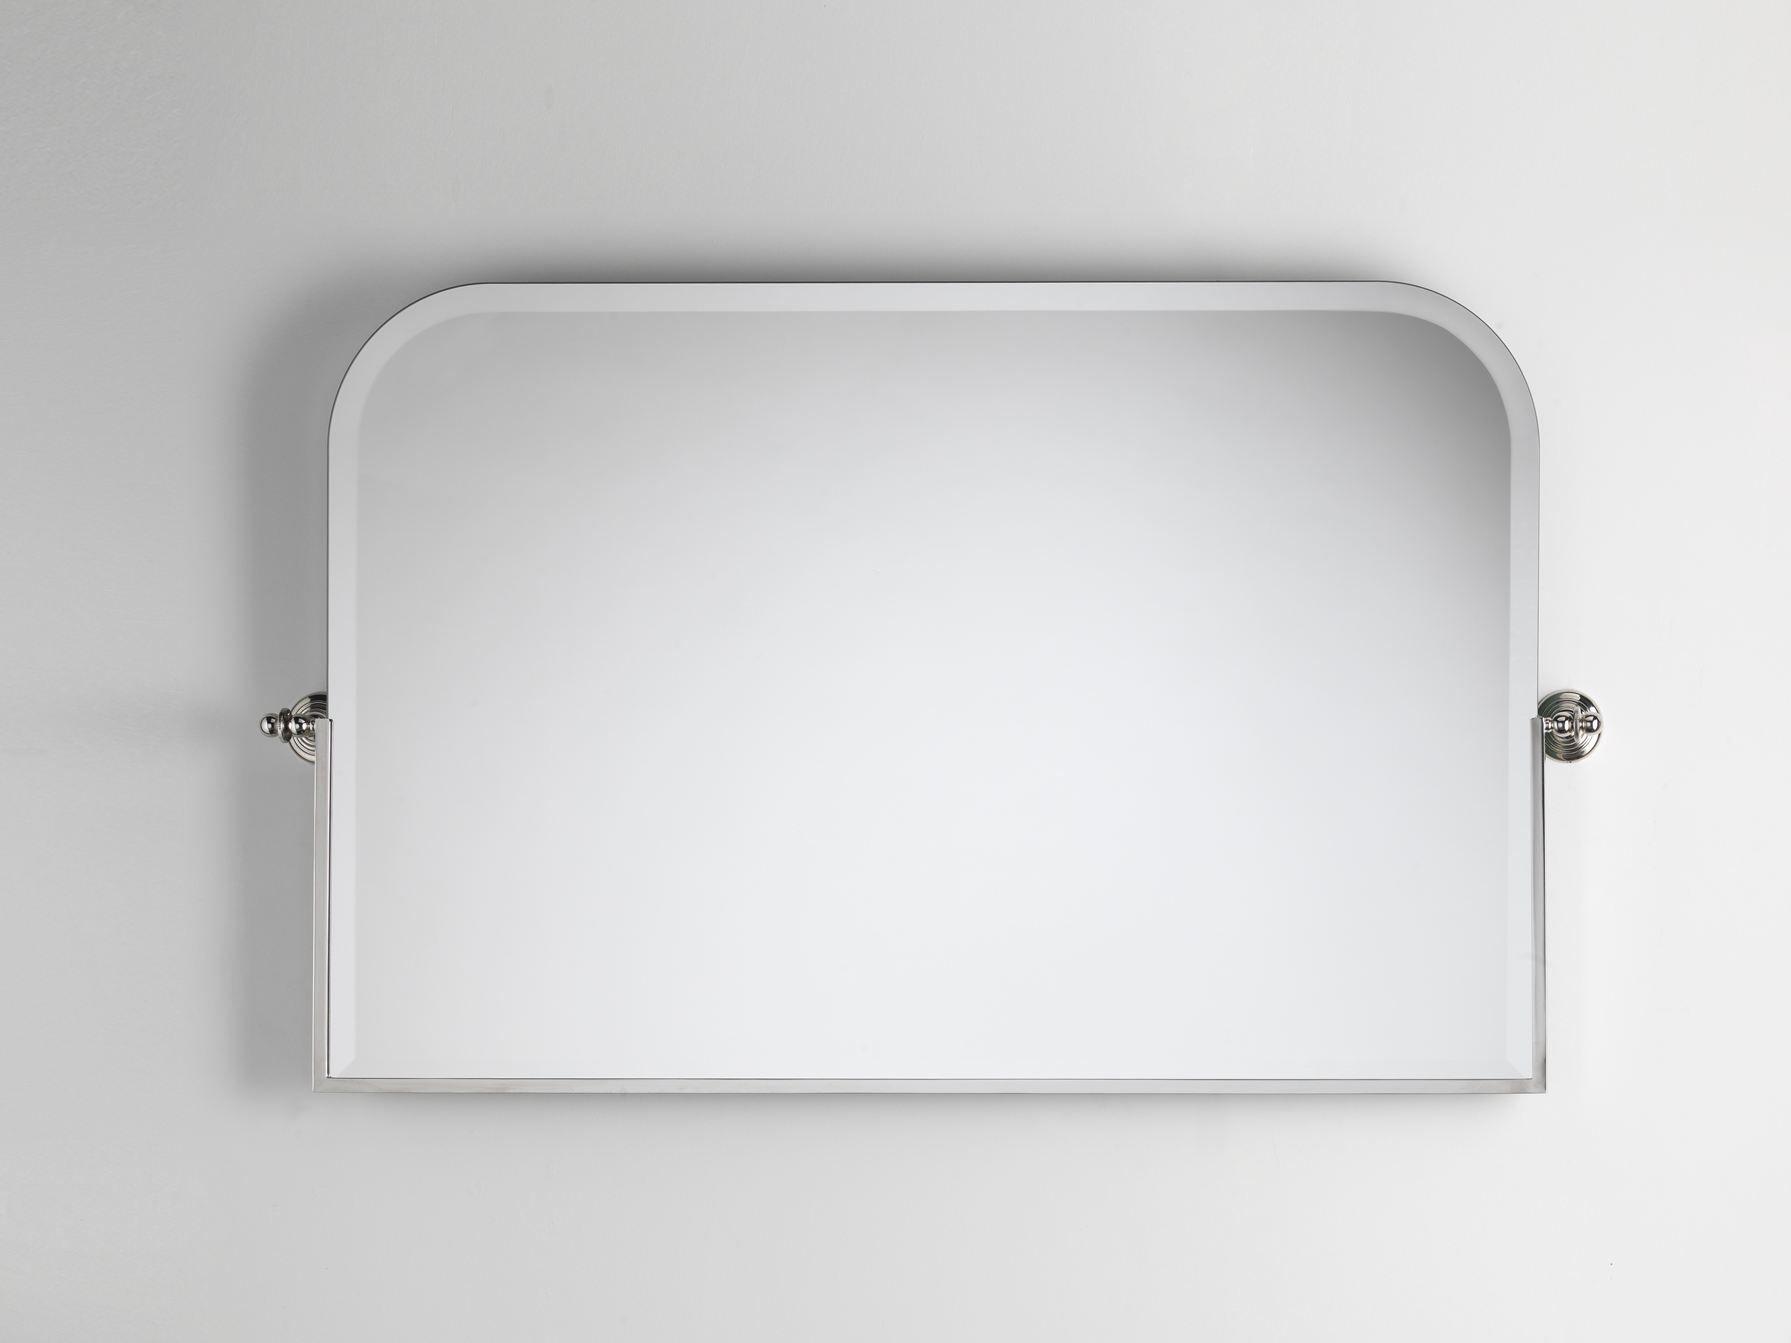 miroir pour salle de bain gatsby 2 by devon devon. Black Bedroom Furniture Sets. Home Design Ideas